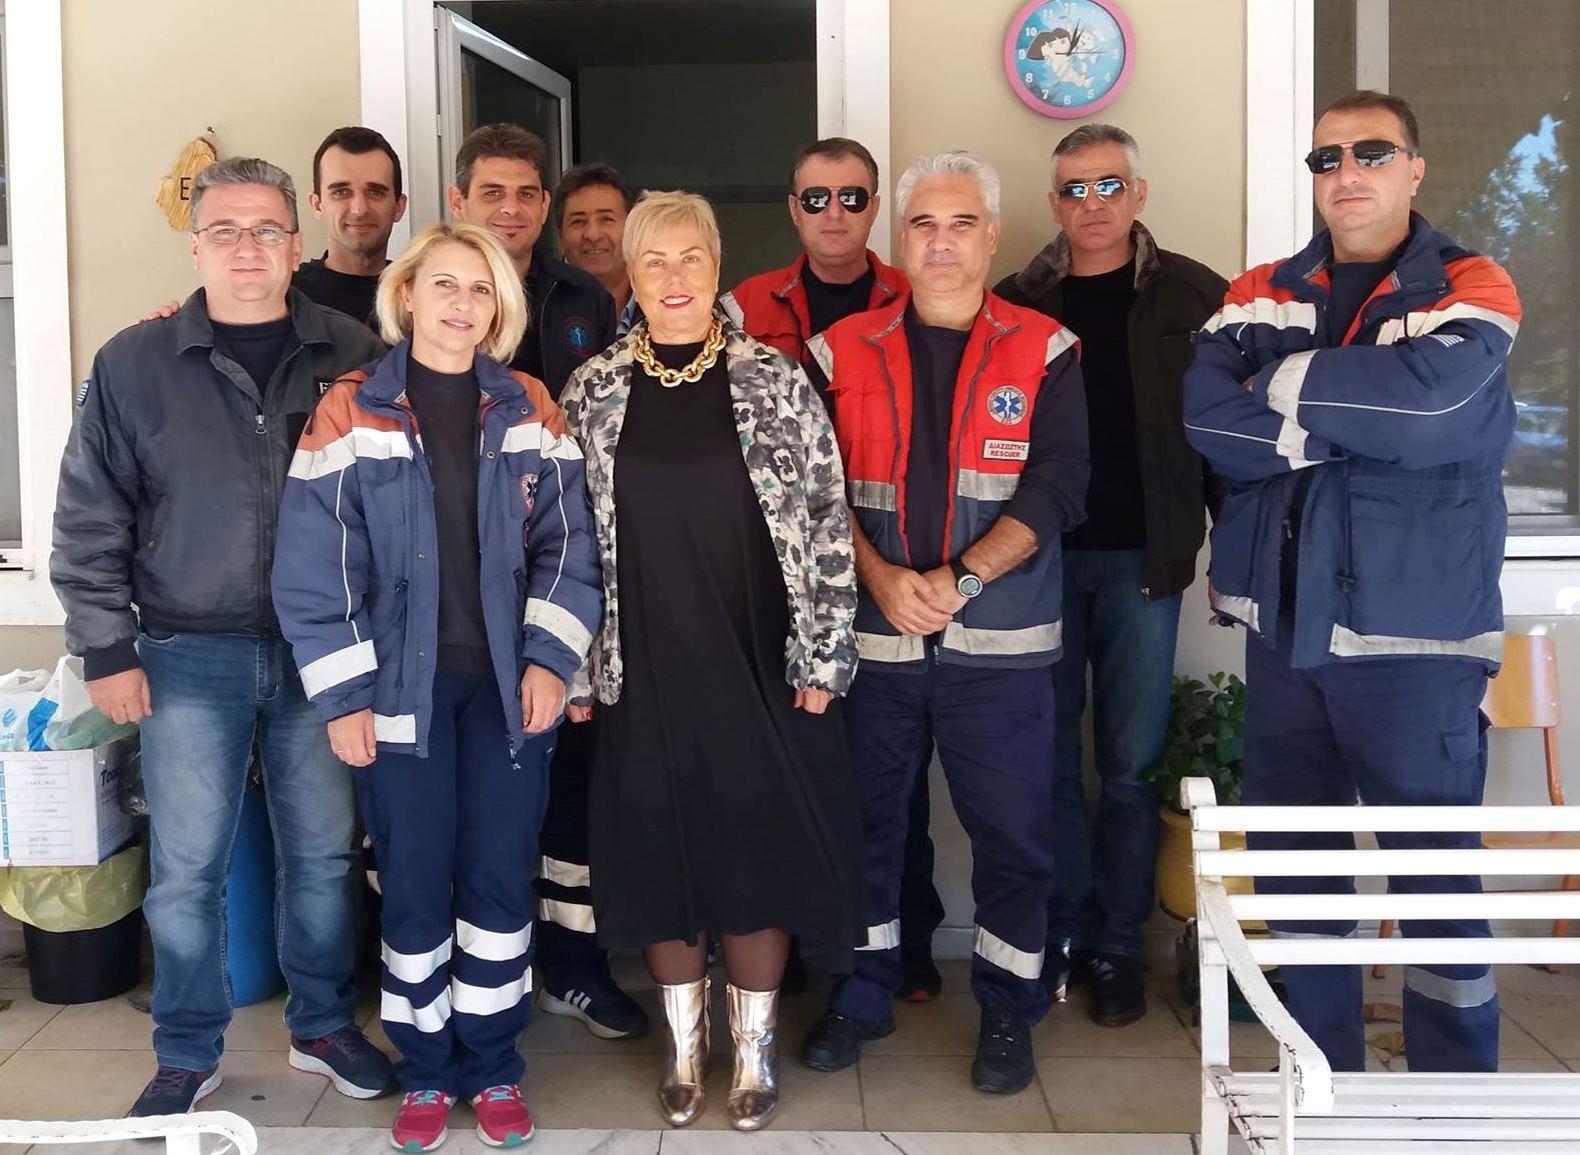 Συνάντηση με τους εργαζόμενους στον τομέα Καρδίτσας πραγματοποίησε η διευθύντρια του ΕΚΑΒ Λάρισας Κα Αυγέρη